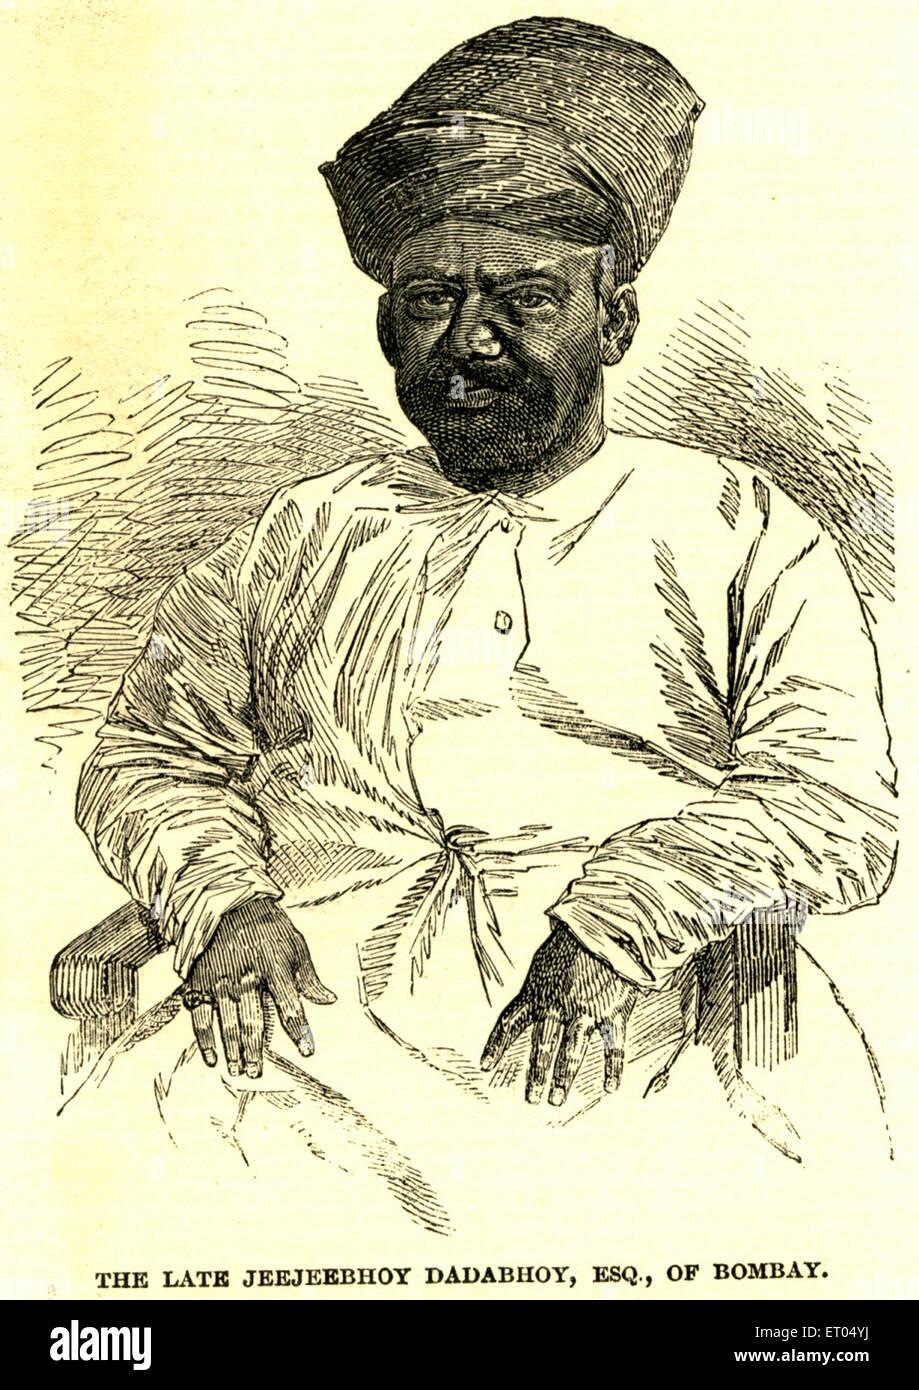 The late Jeejeebhoy Dadabhoy ; Bombay now Mumbai ; Maharashtra ; India NO MR - Stock Image